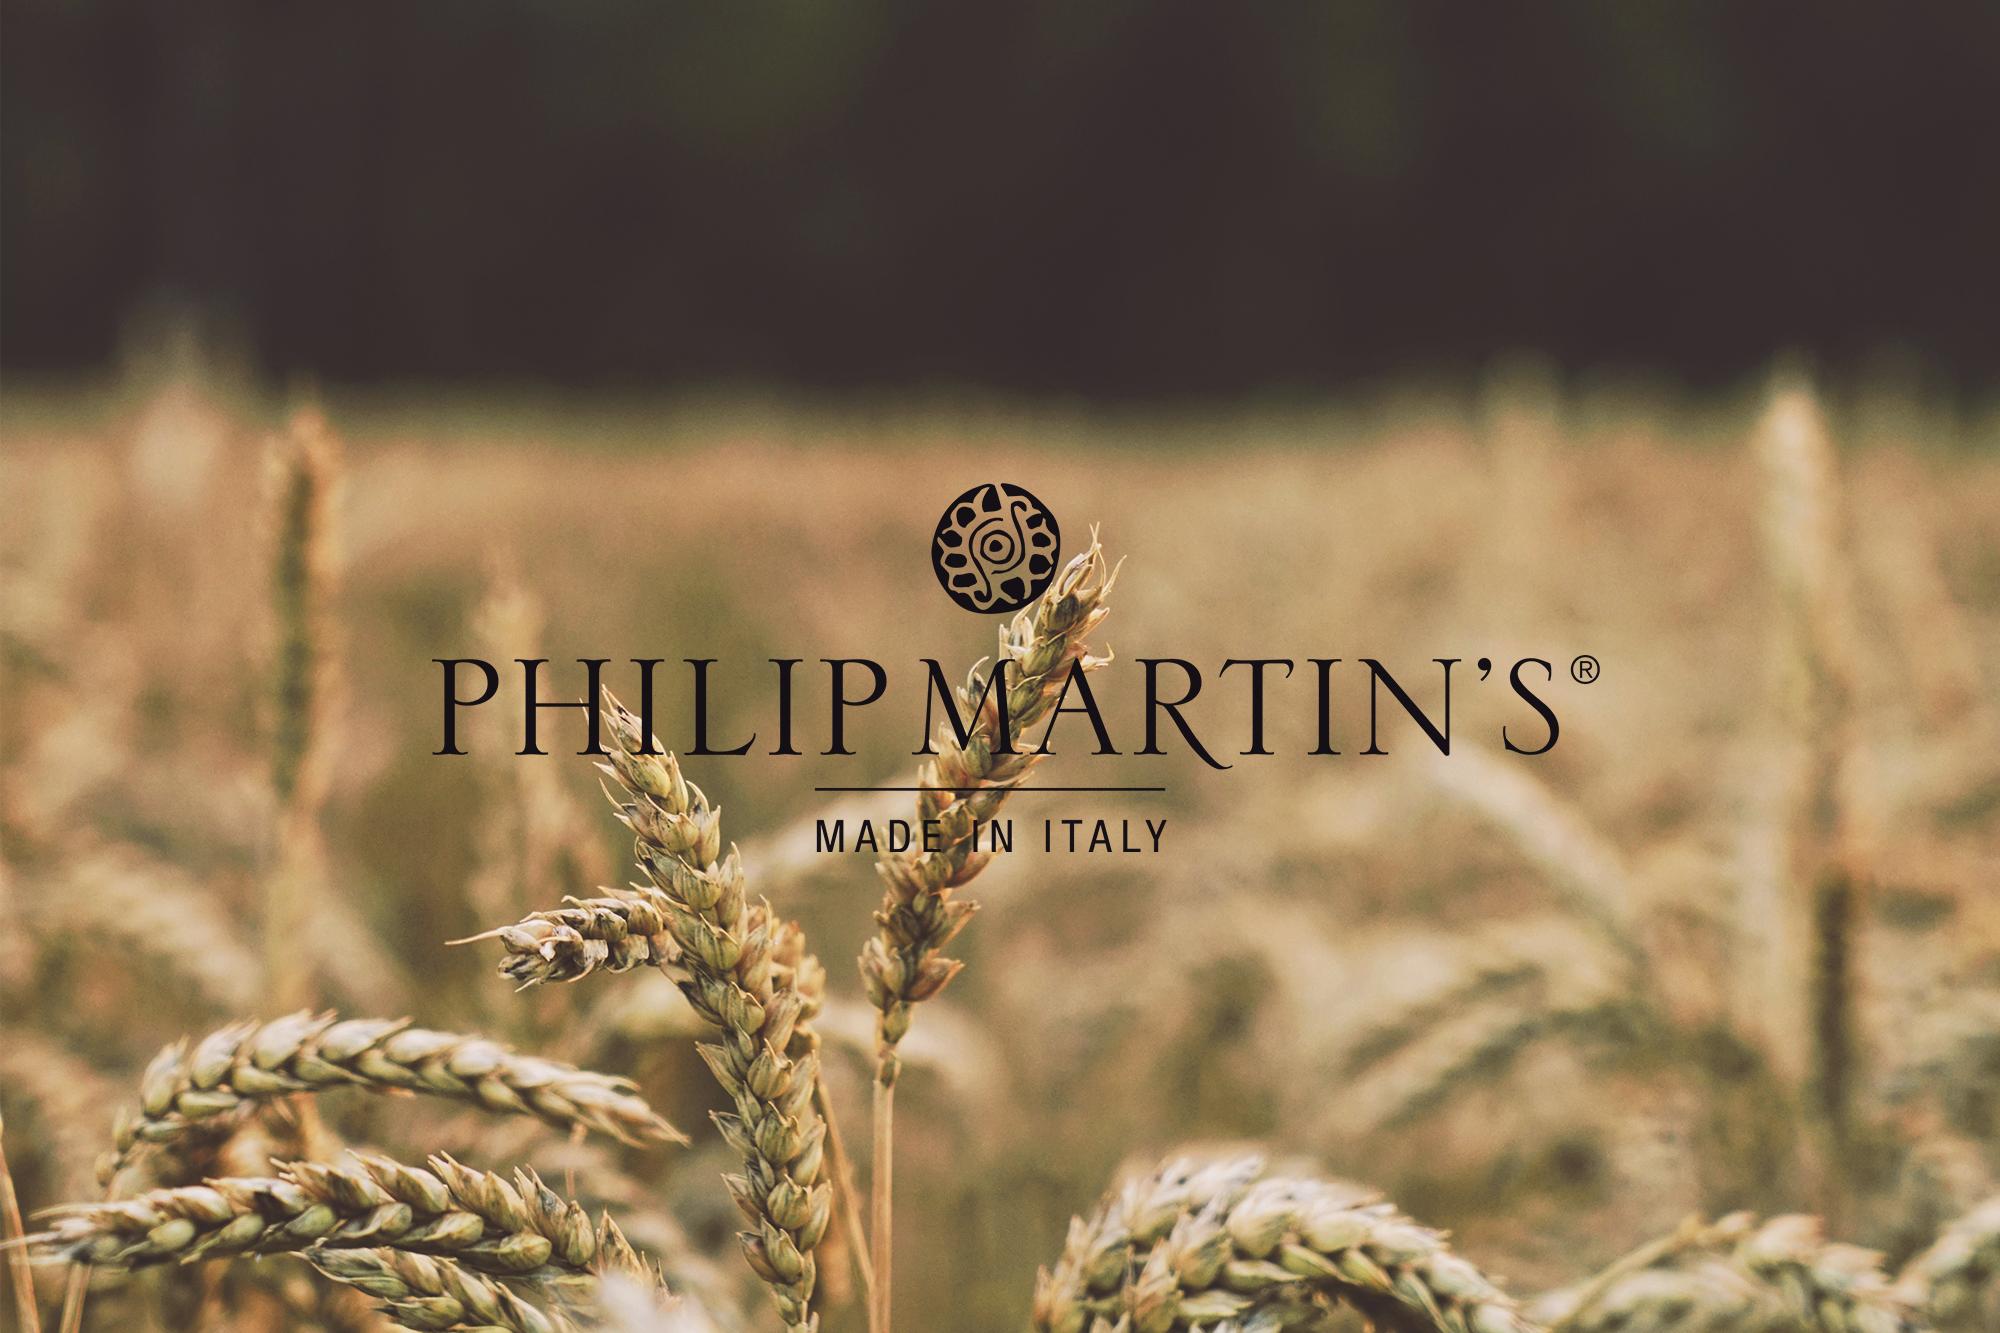 Philip_Martins_pioneros_estetica_organica